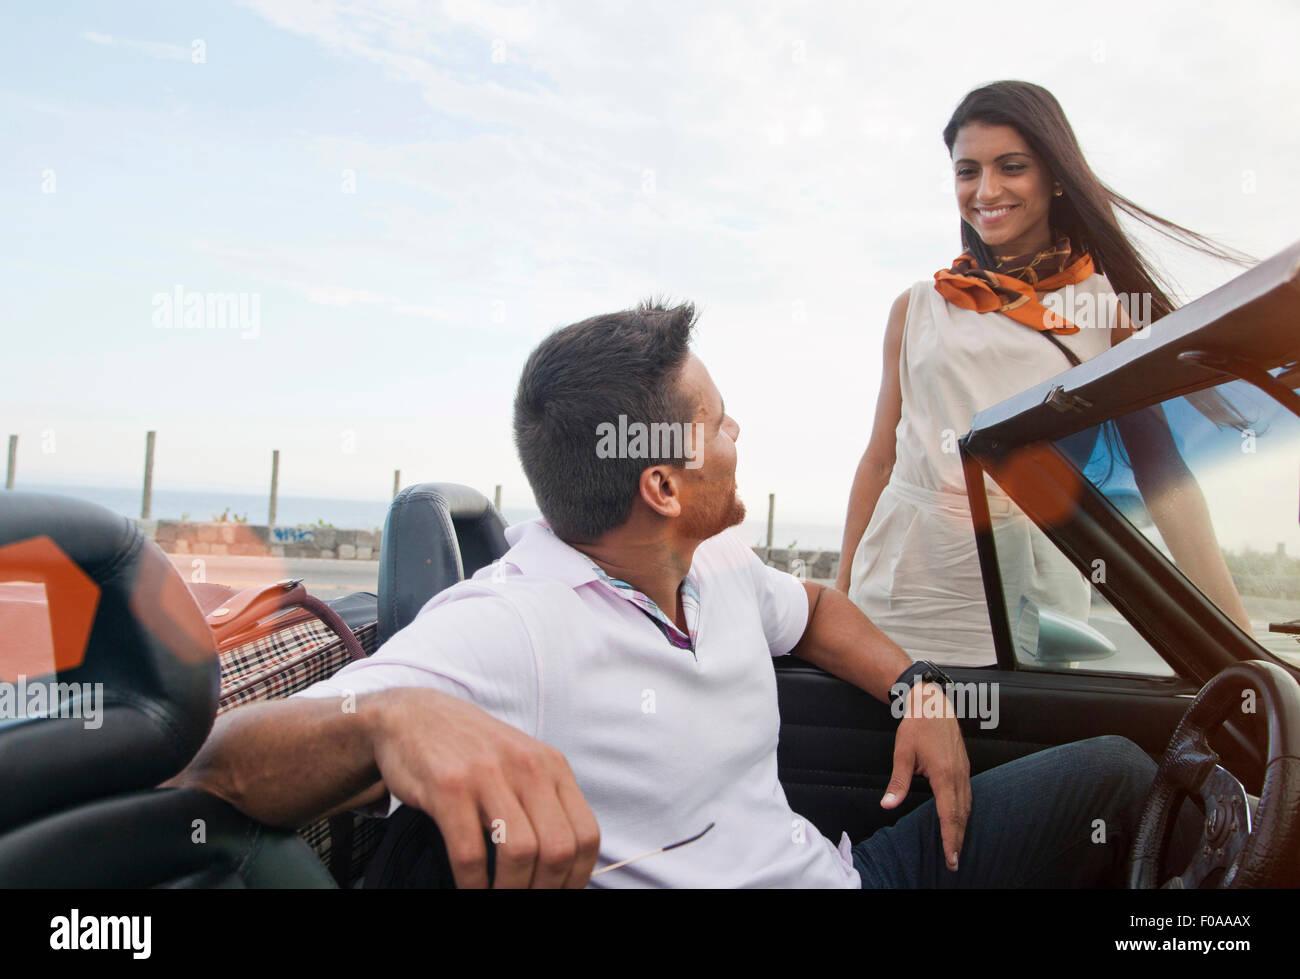 Uomo in autovettura convertibile, donna in piedi accanto a AUTO, sorridente Foto Stock